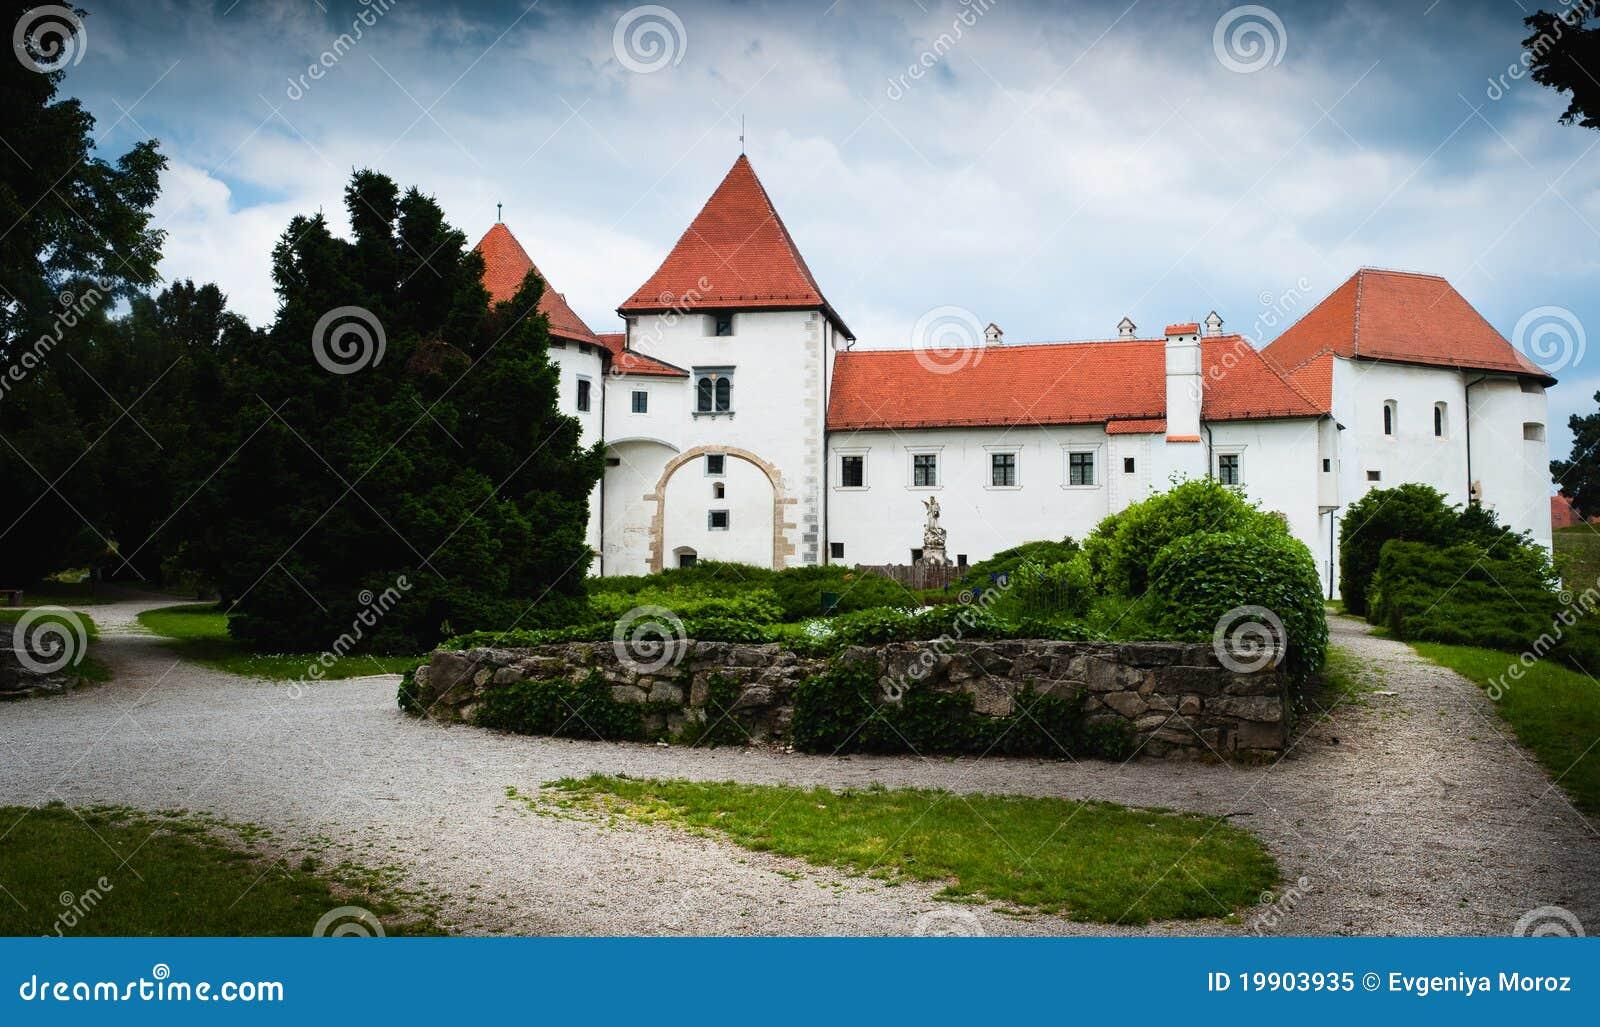 Oud middeleeuws kasteel. Varazdin, Kroatië